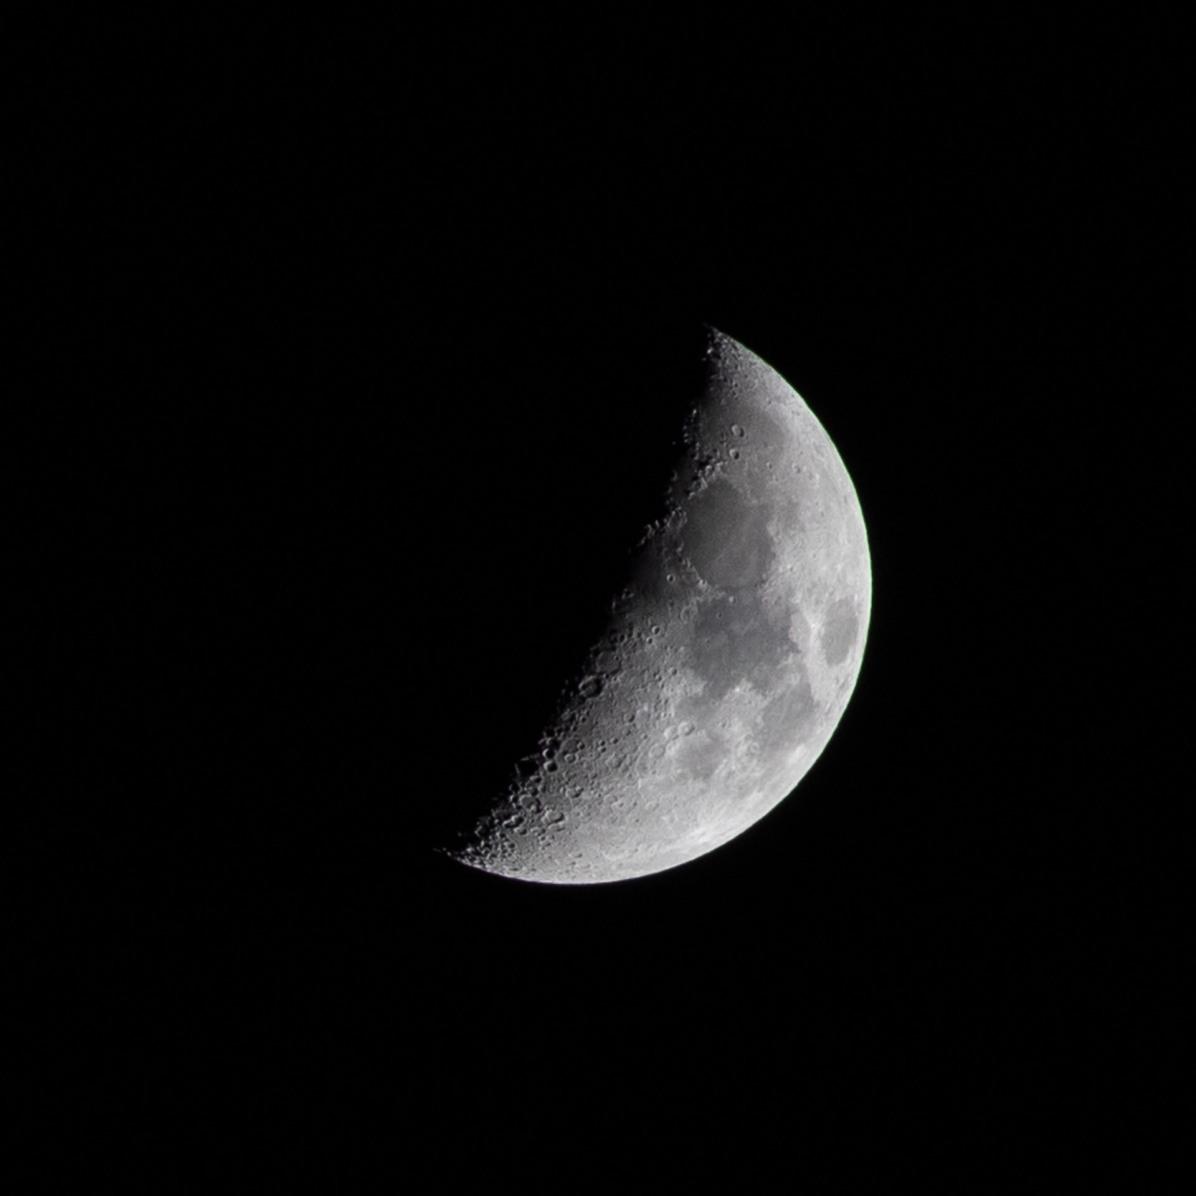 Nieuwe maan, dag 23 vanaf volle maan. 13-03-2019 Tijdstip: 20.02 uur Maanopkomst 10.12 Maanondergang 01.04 (Maan 23)